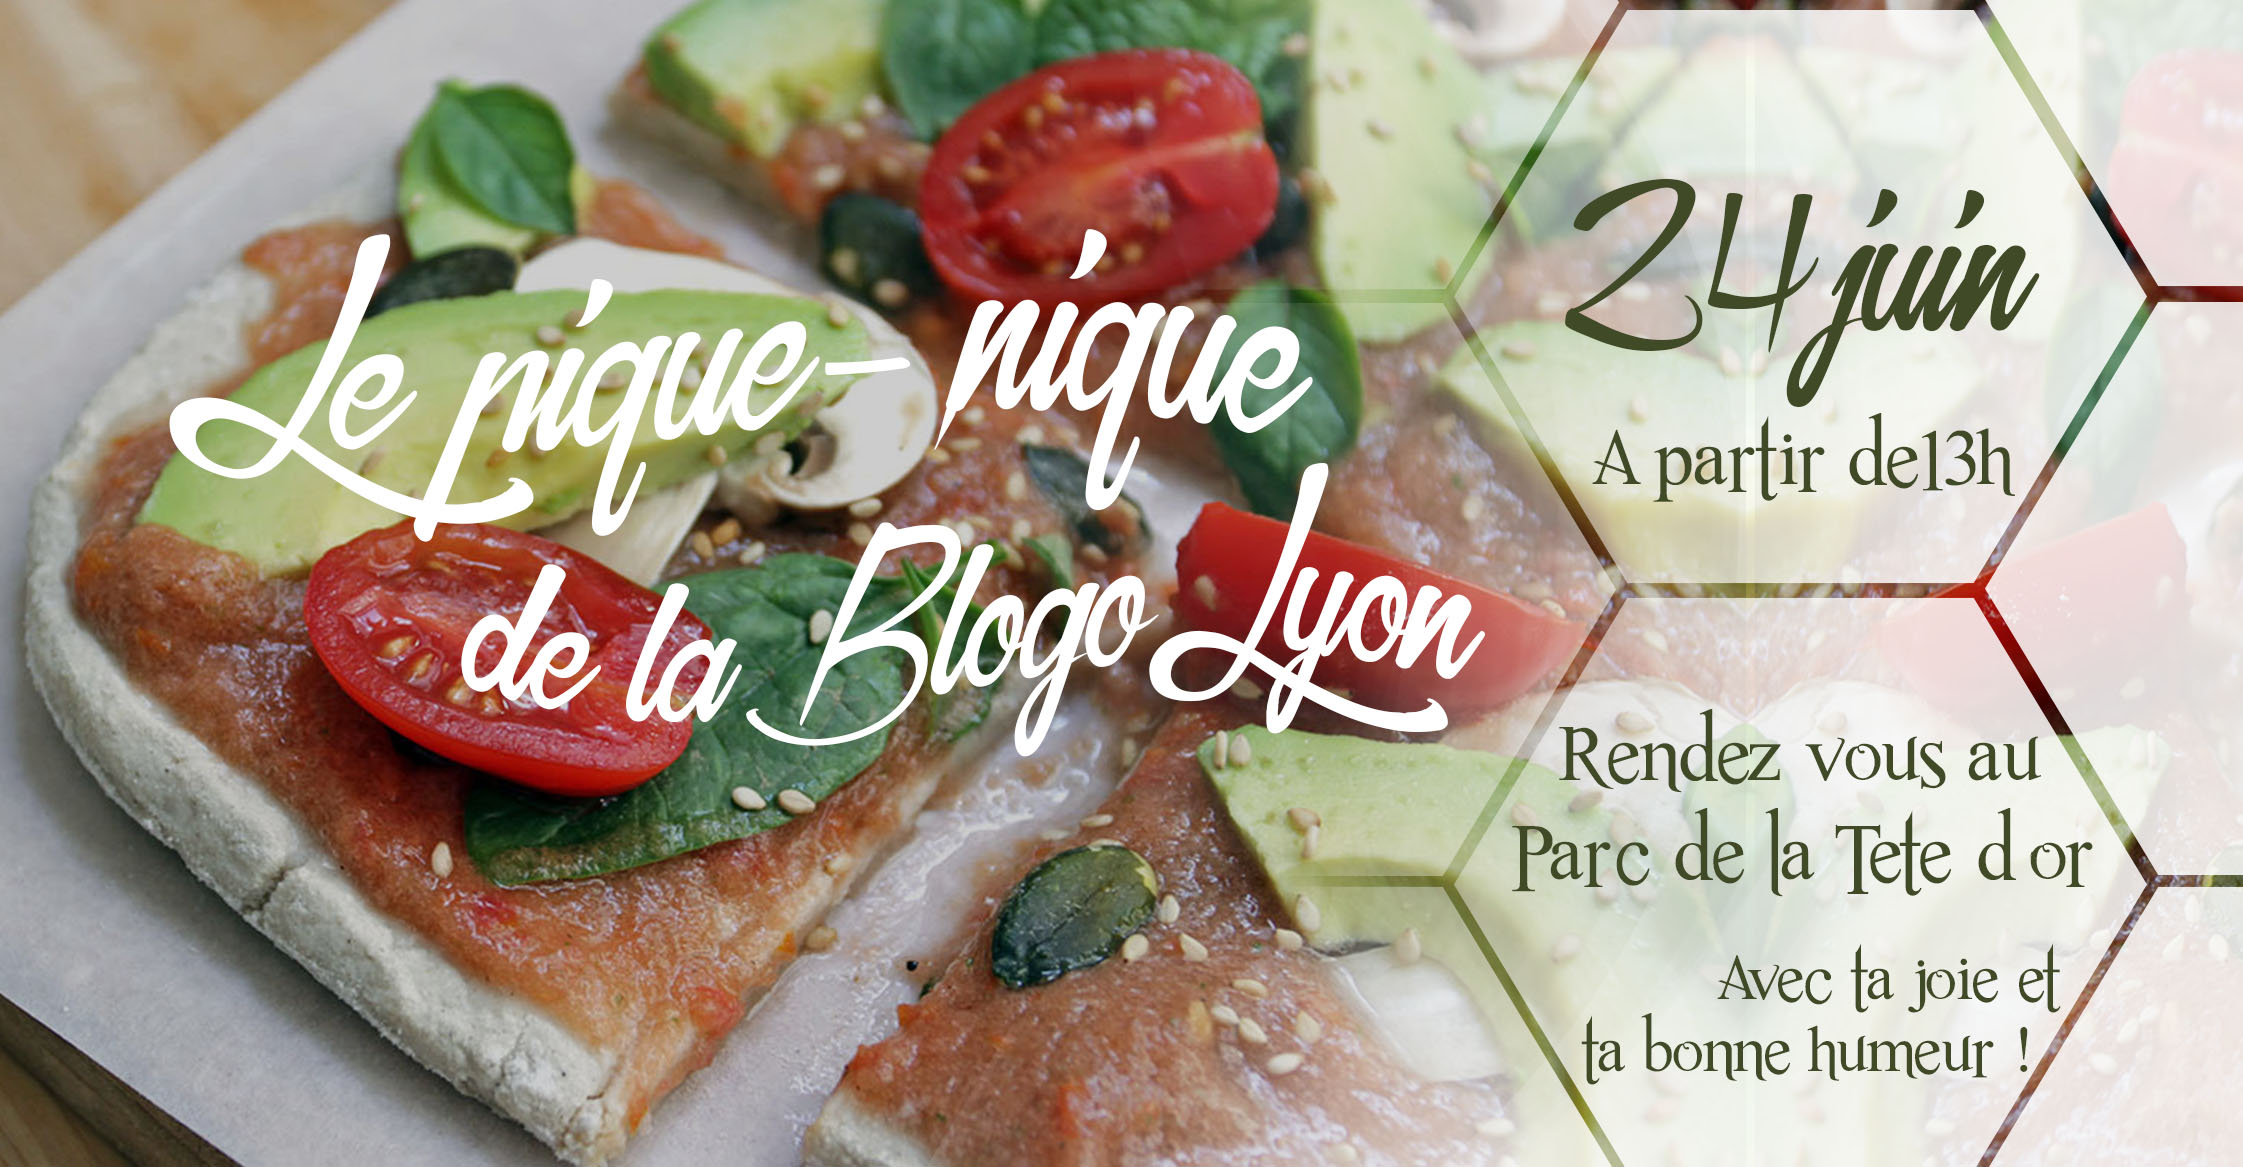 Lady-Biche-Blogo-Lyon-24juin